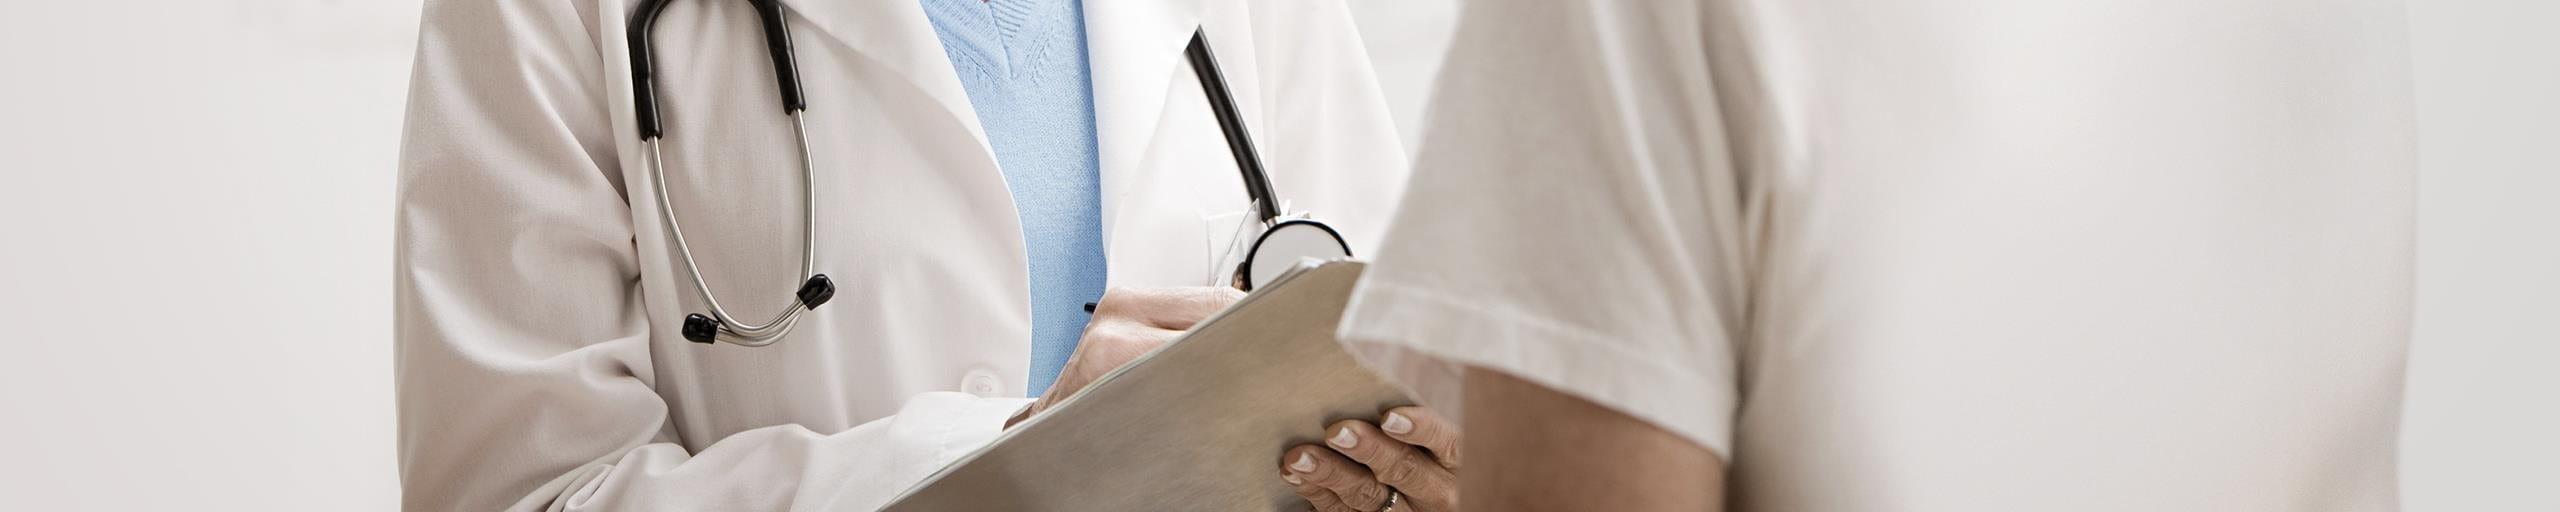 Ein Artz unterhaltet sich mit einem Patient.